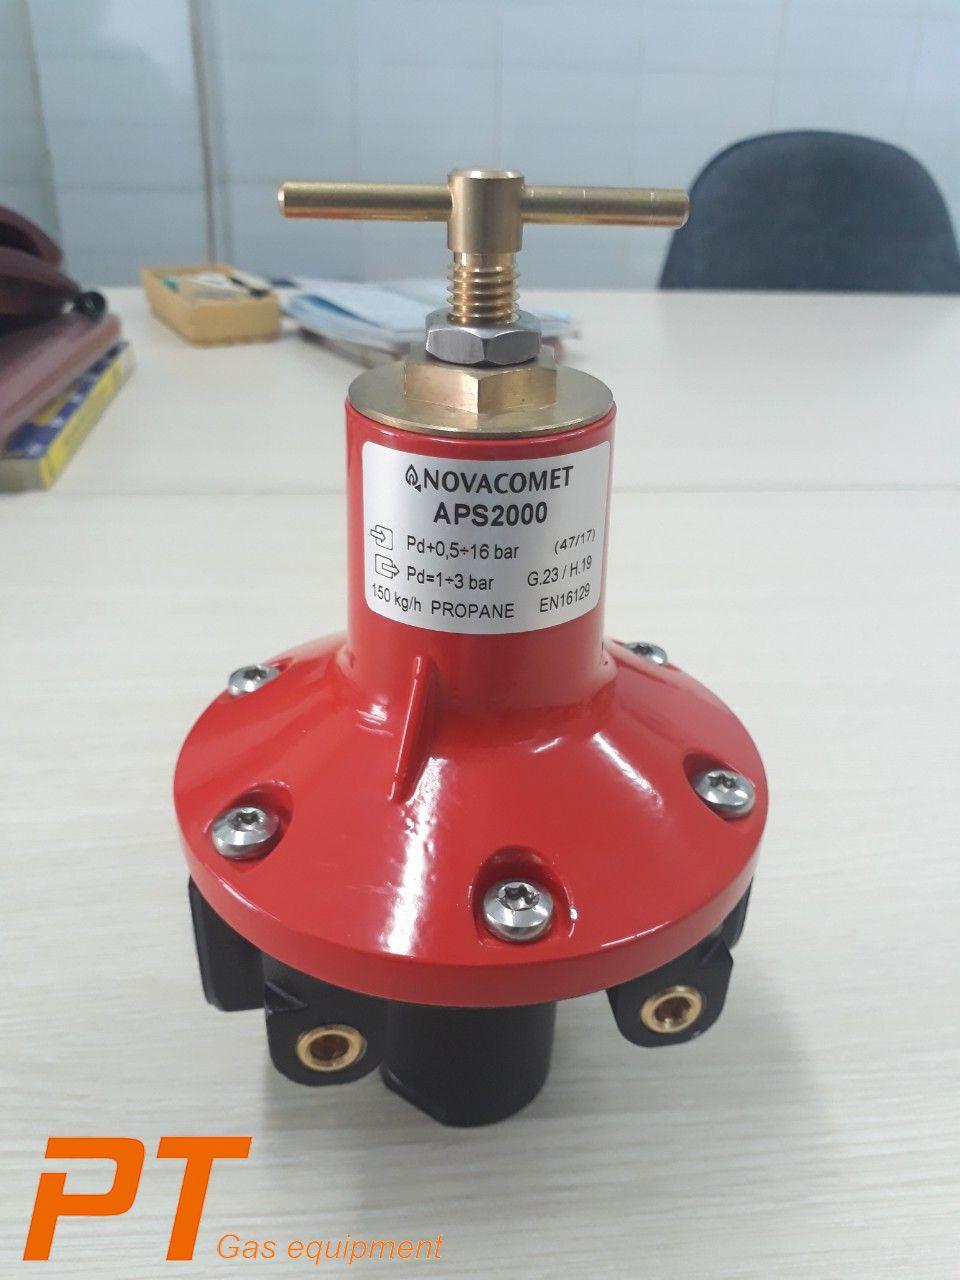 VianPool (Tiếng Việt) Công ty cung cấp các loại van điều áp/ Van giảm áp khí gas LPG NOVACOMET